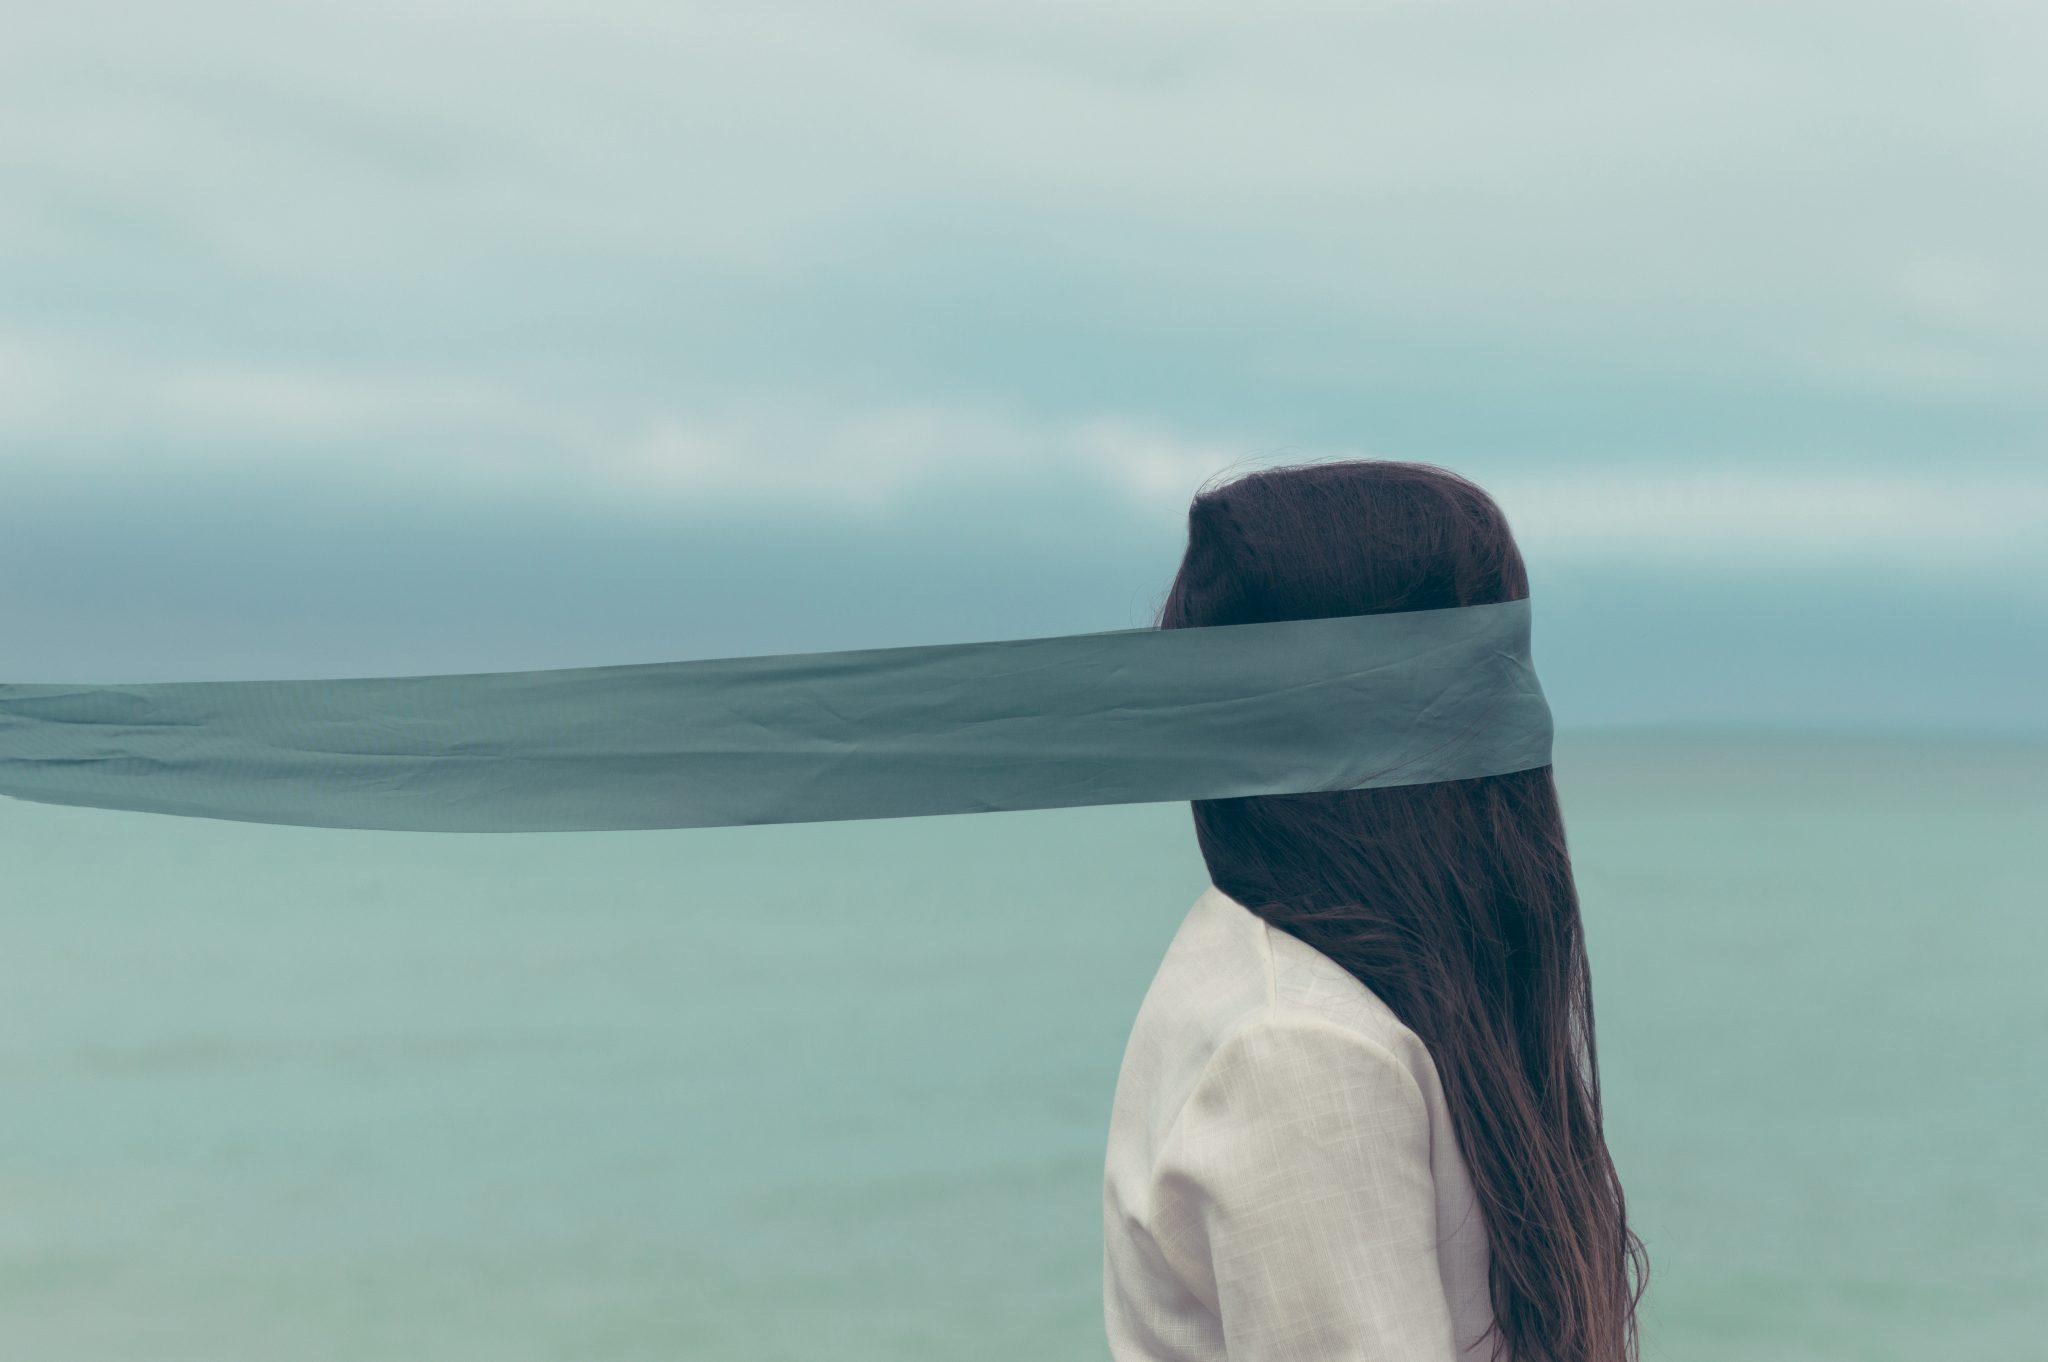 Zaburzenia osobowości – skąd się biorą i czym są?